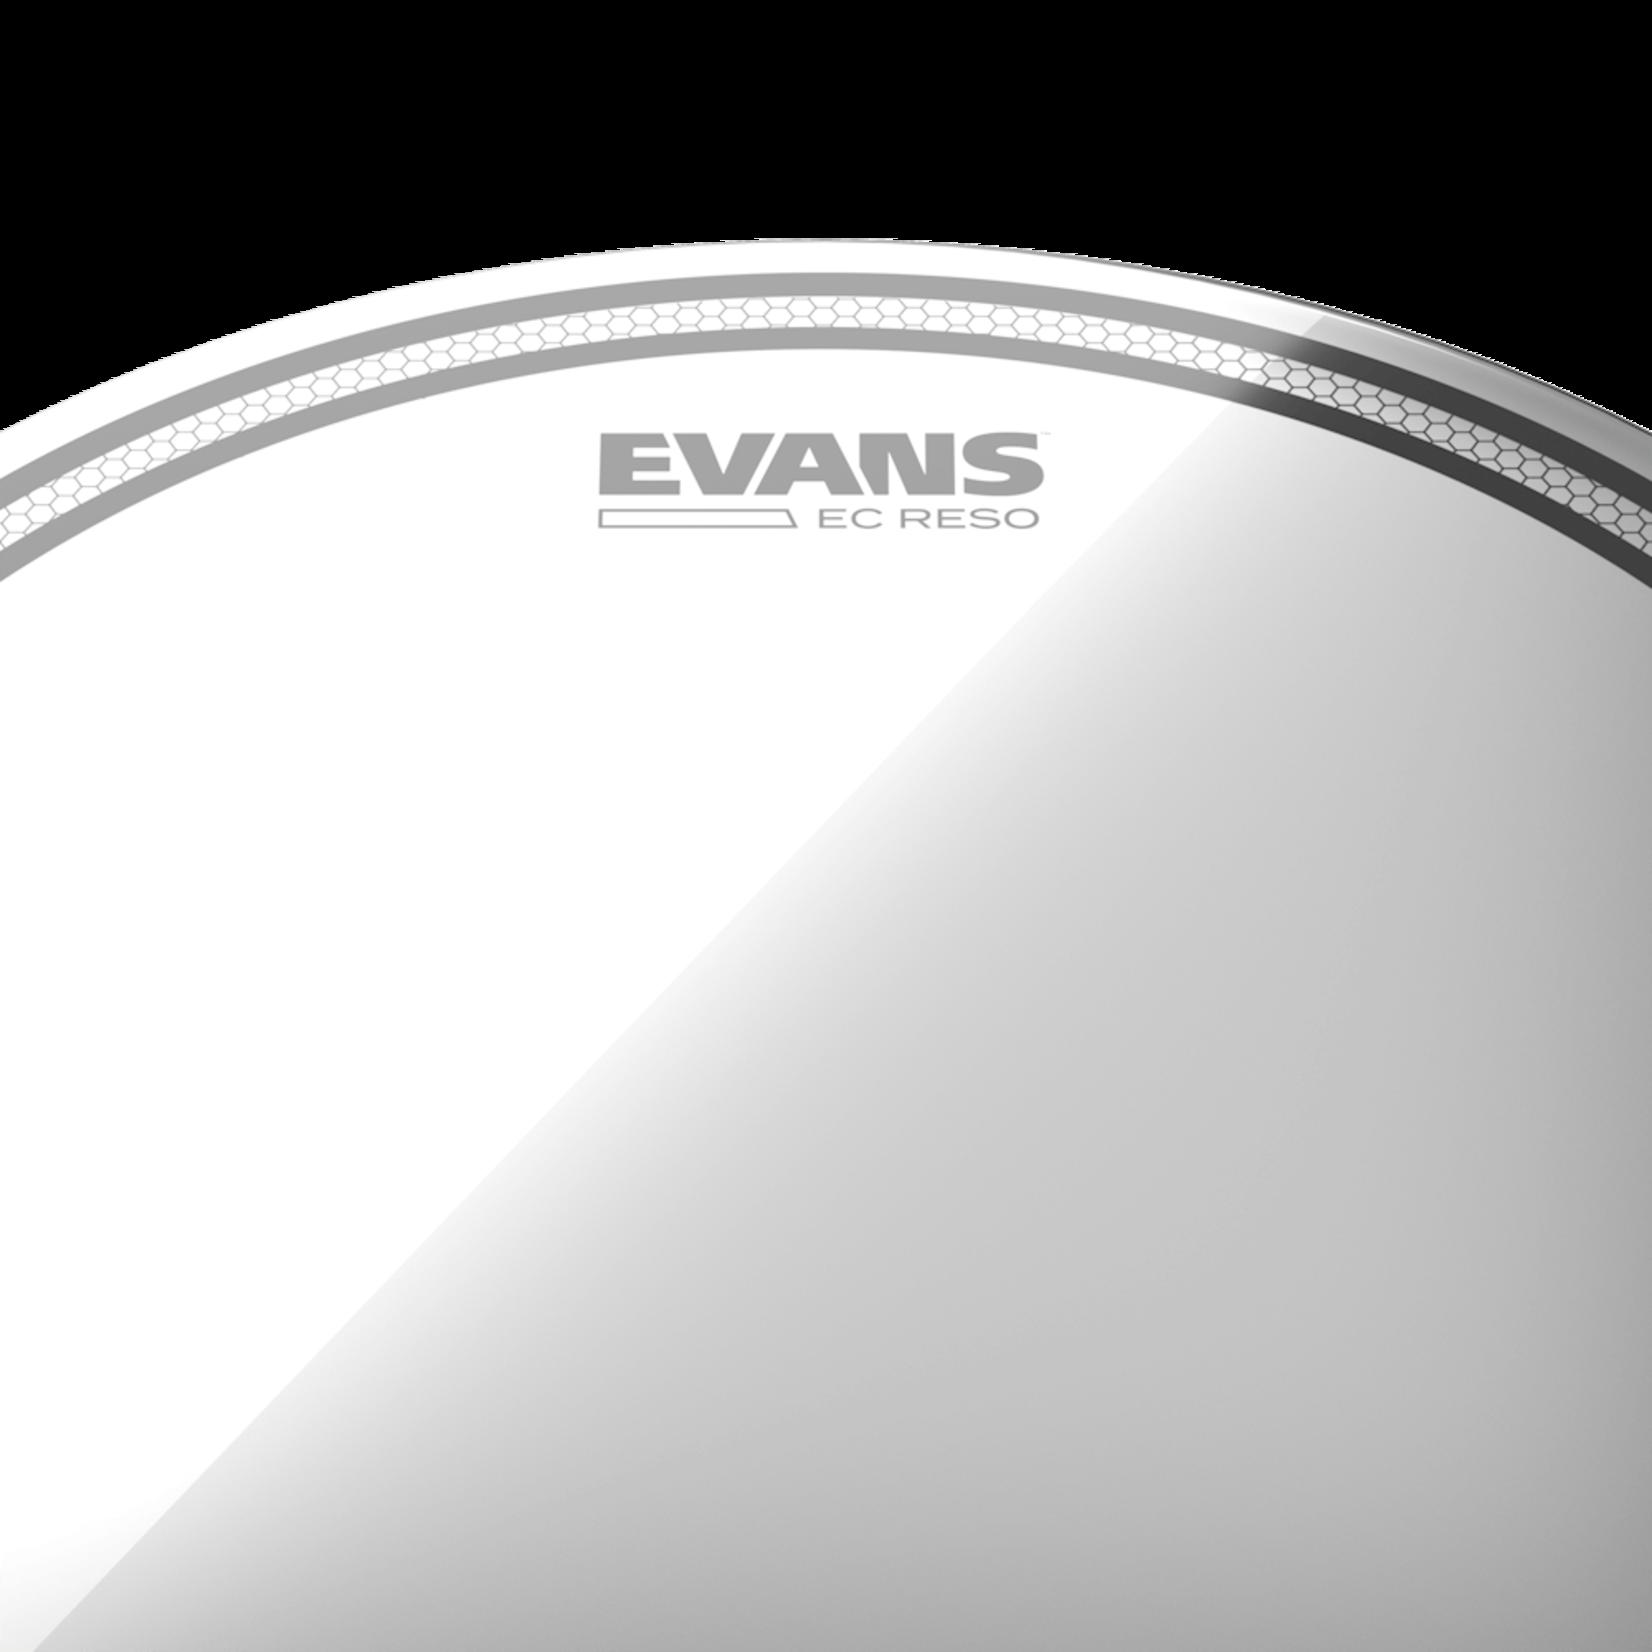 Evans EVANS EC RESONANT CLEAR